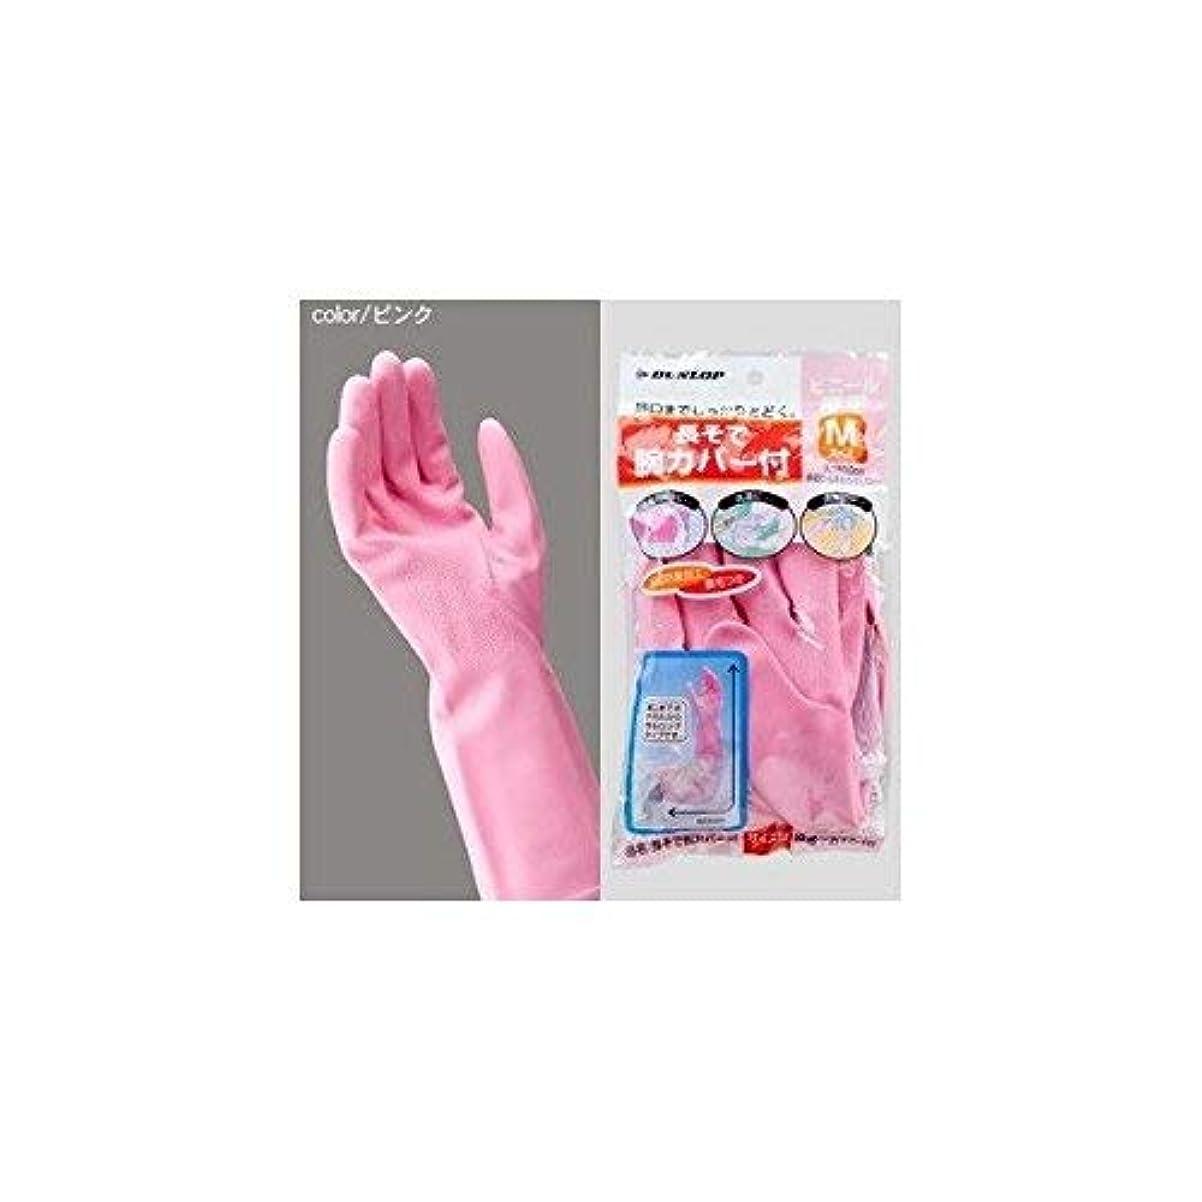 論争的精査バイオリンダンロップ ビニール手袋 厚手腕カバー付 M ピンク ×30個